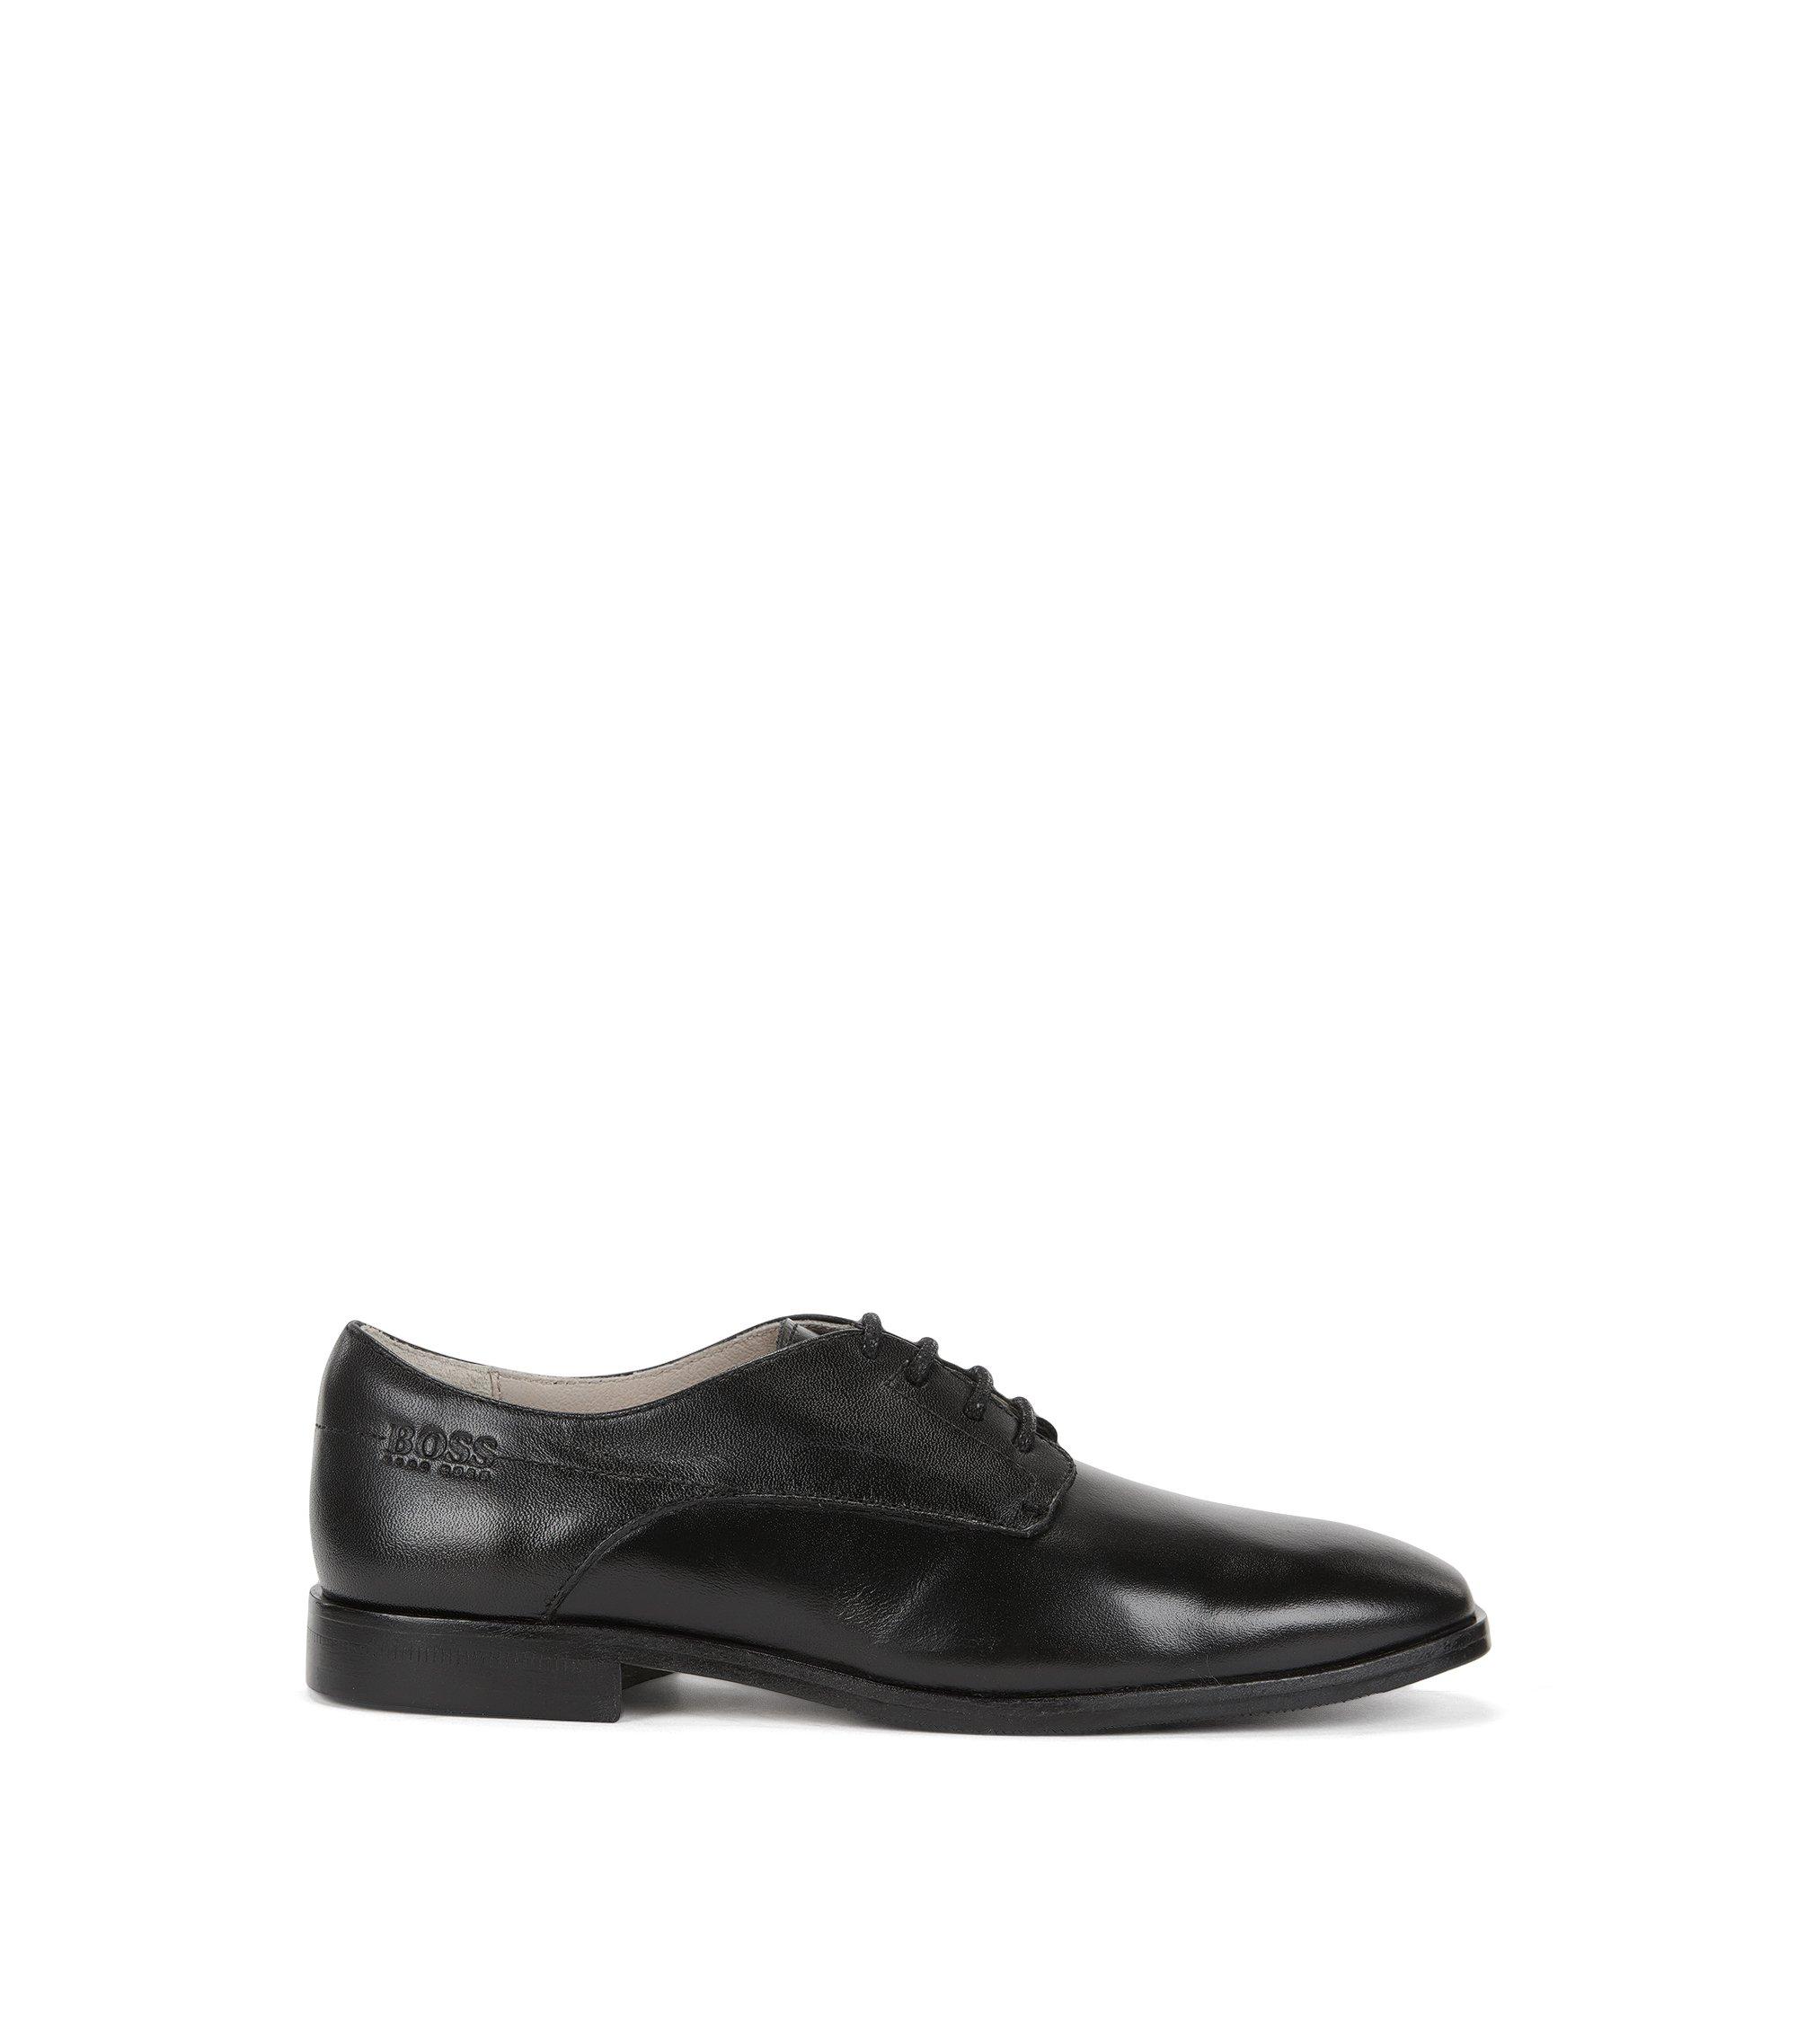 Chaussures derby pour enfant en cuir lisse, Noir